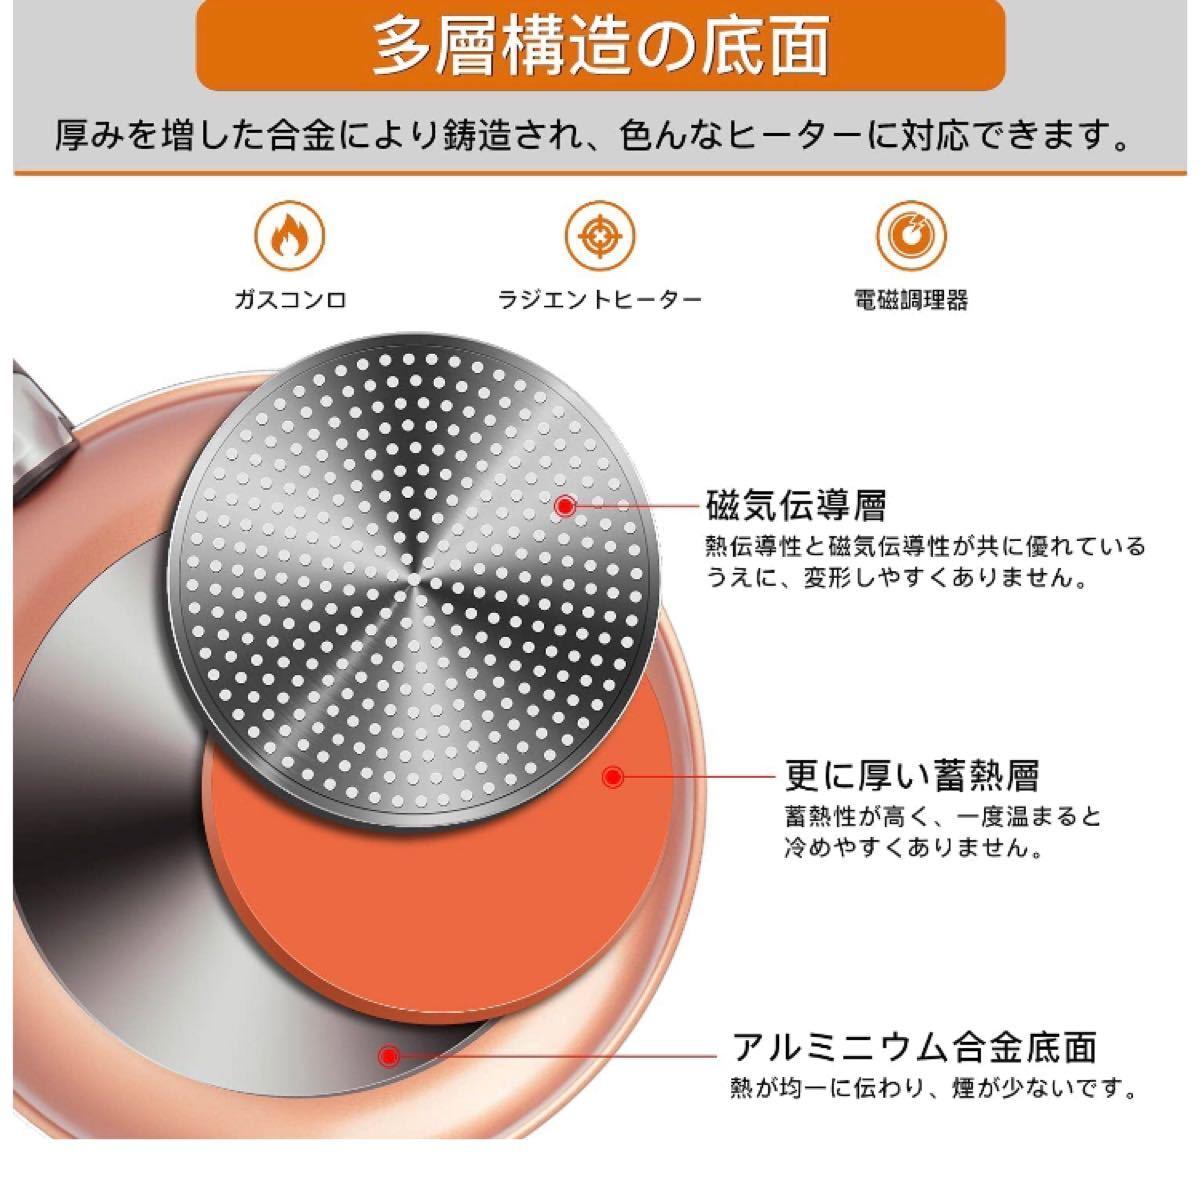 フライパンセット ダイヤモンドコート鍋 ガス火/IH対応 取っ手のとれる ガラス蓋付き 5点 セット